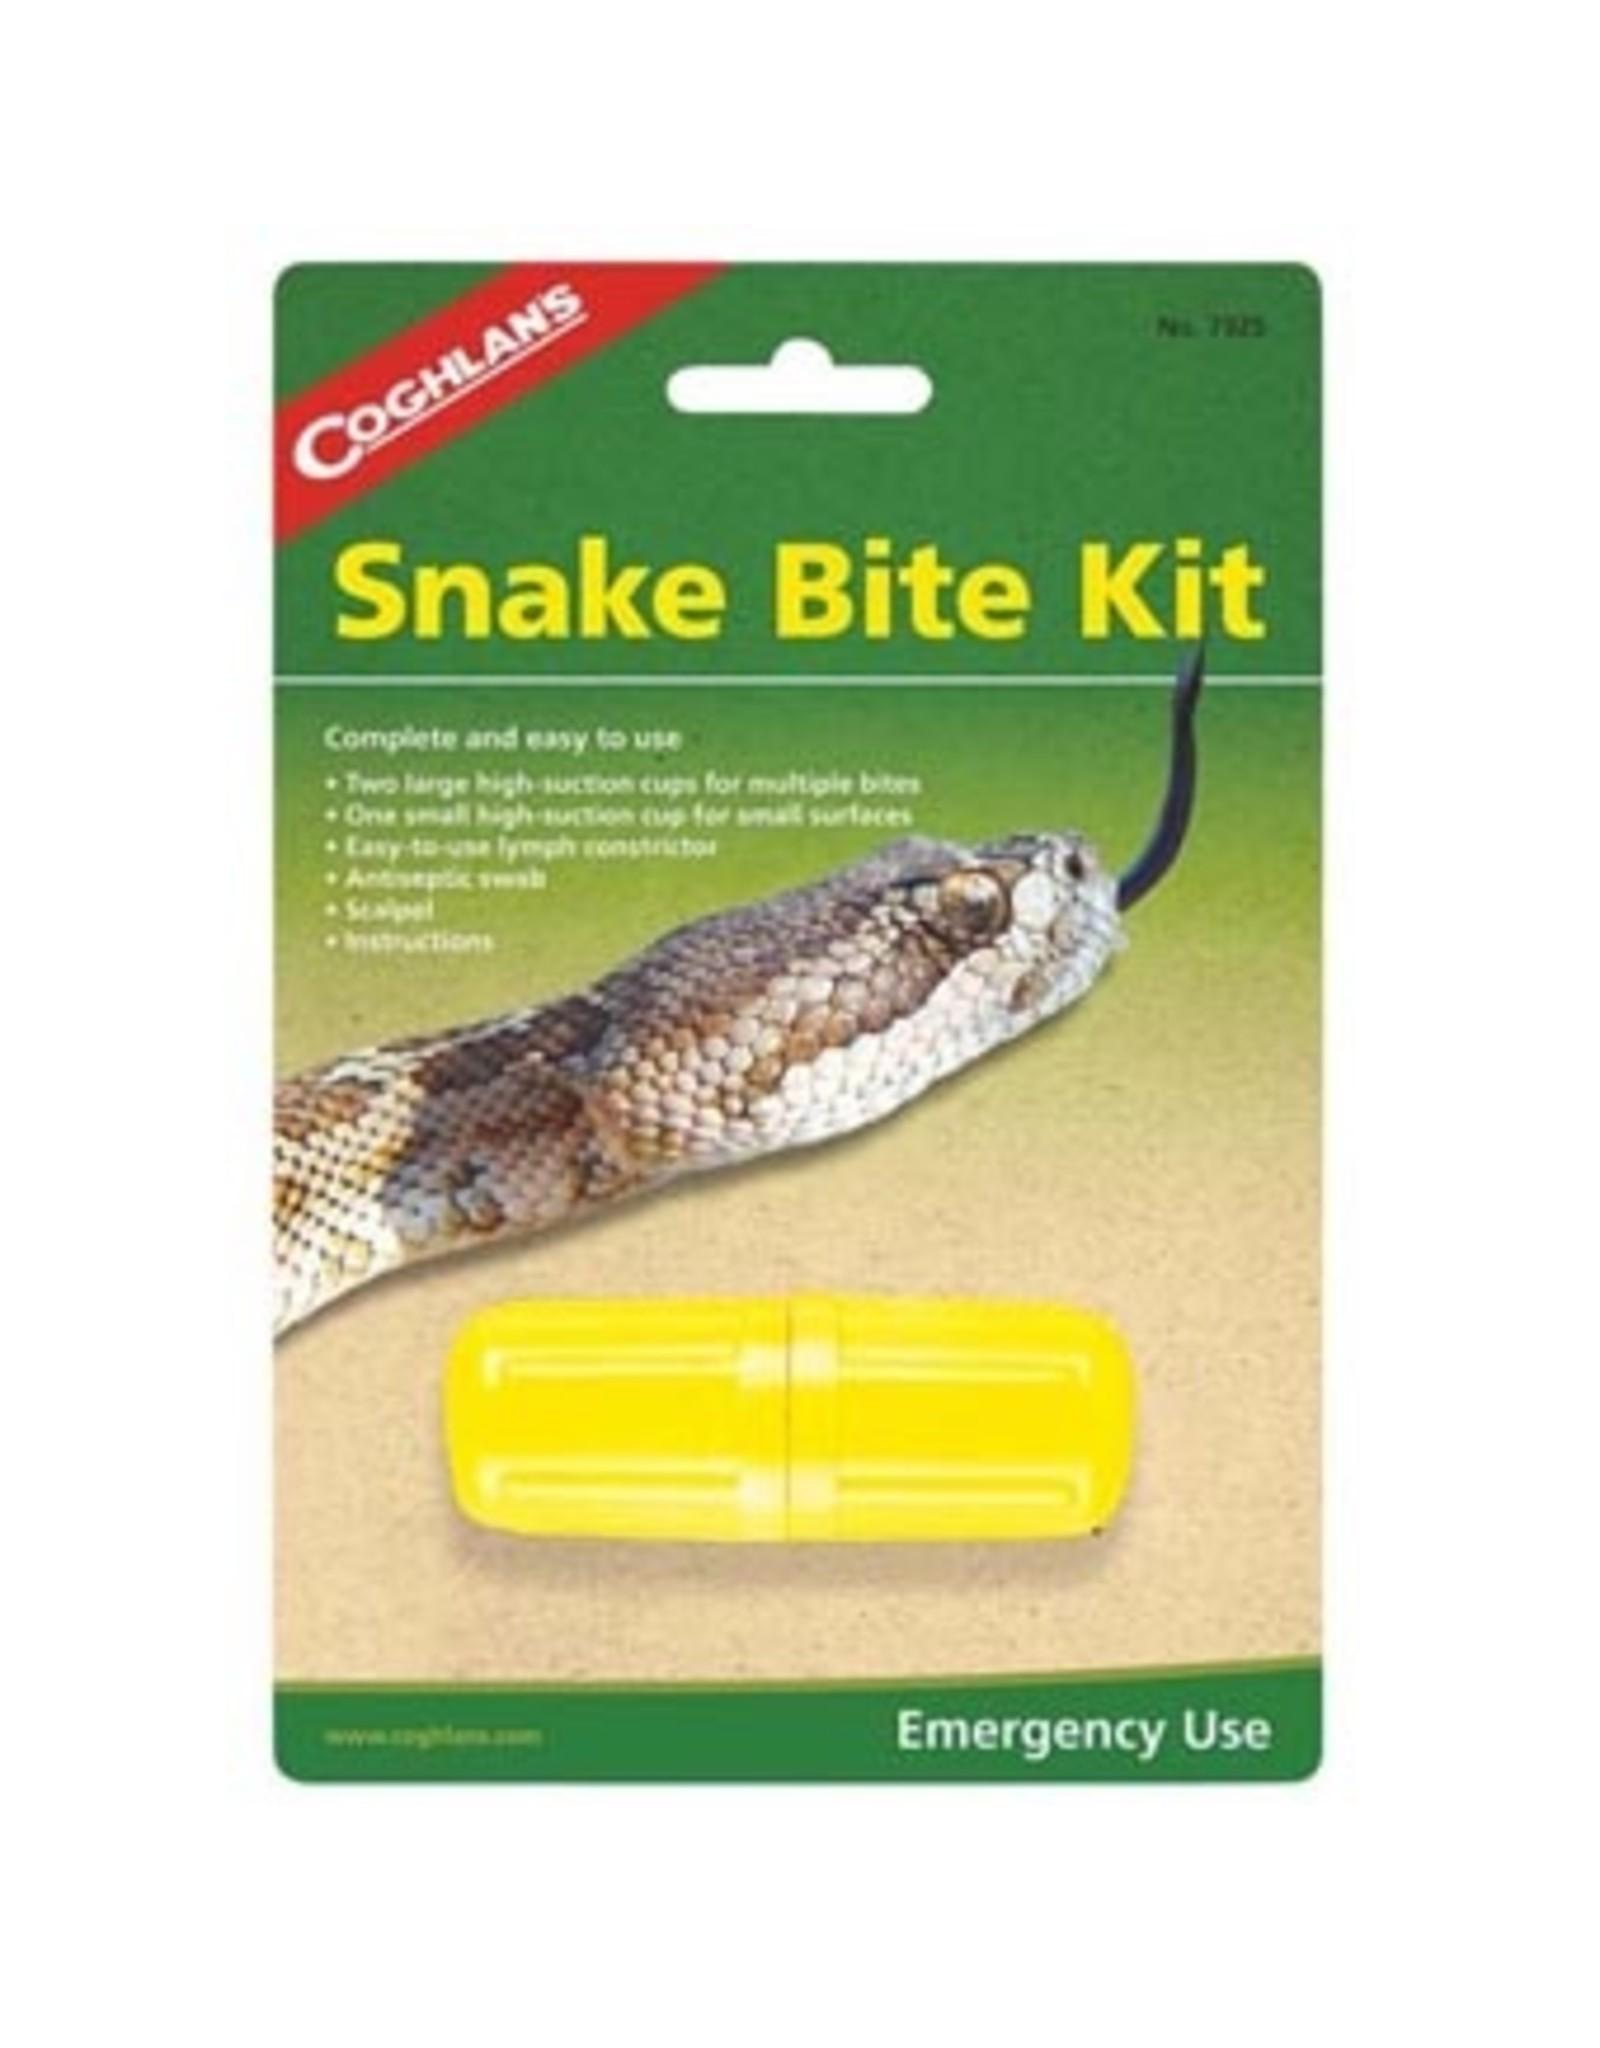 Snake Bite Kit